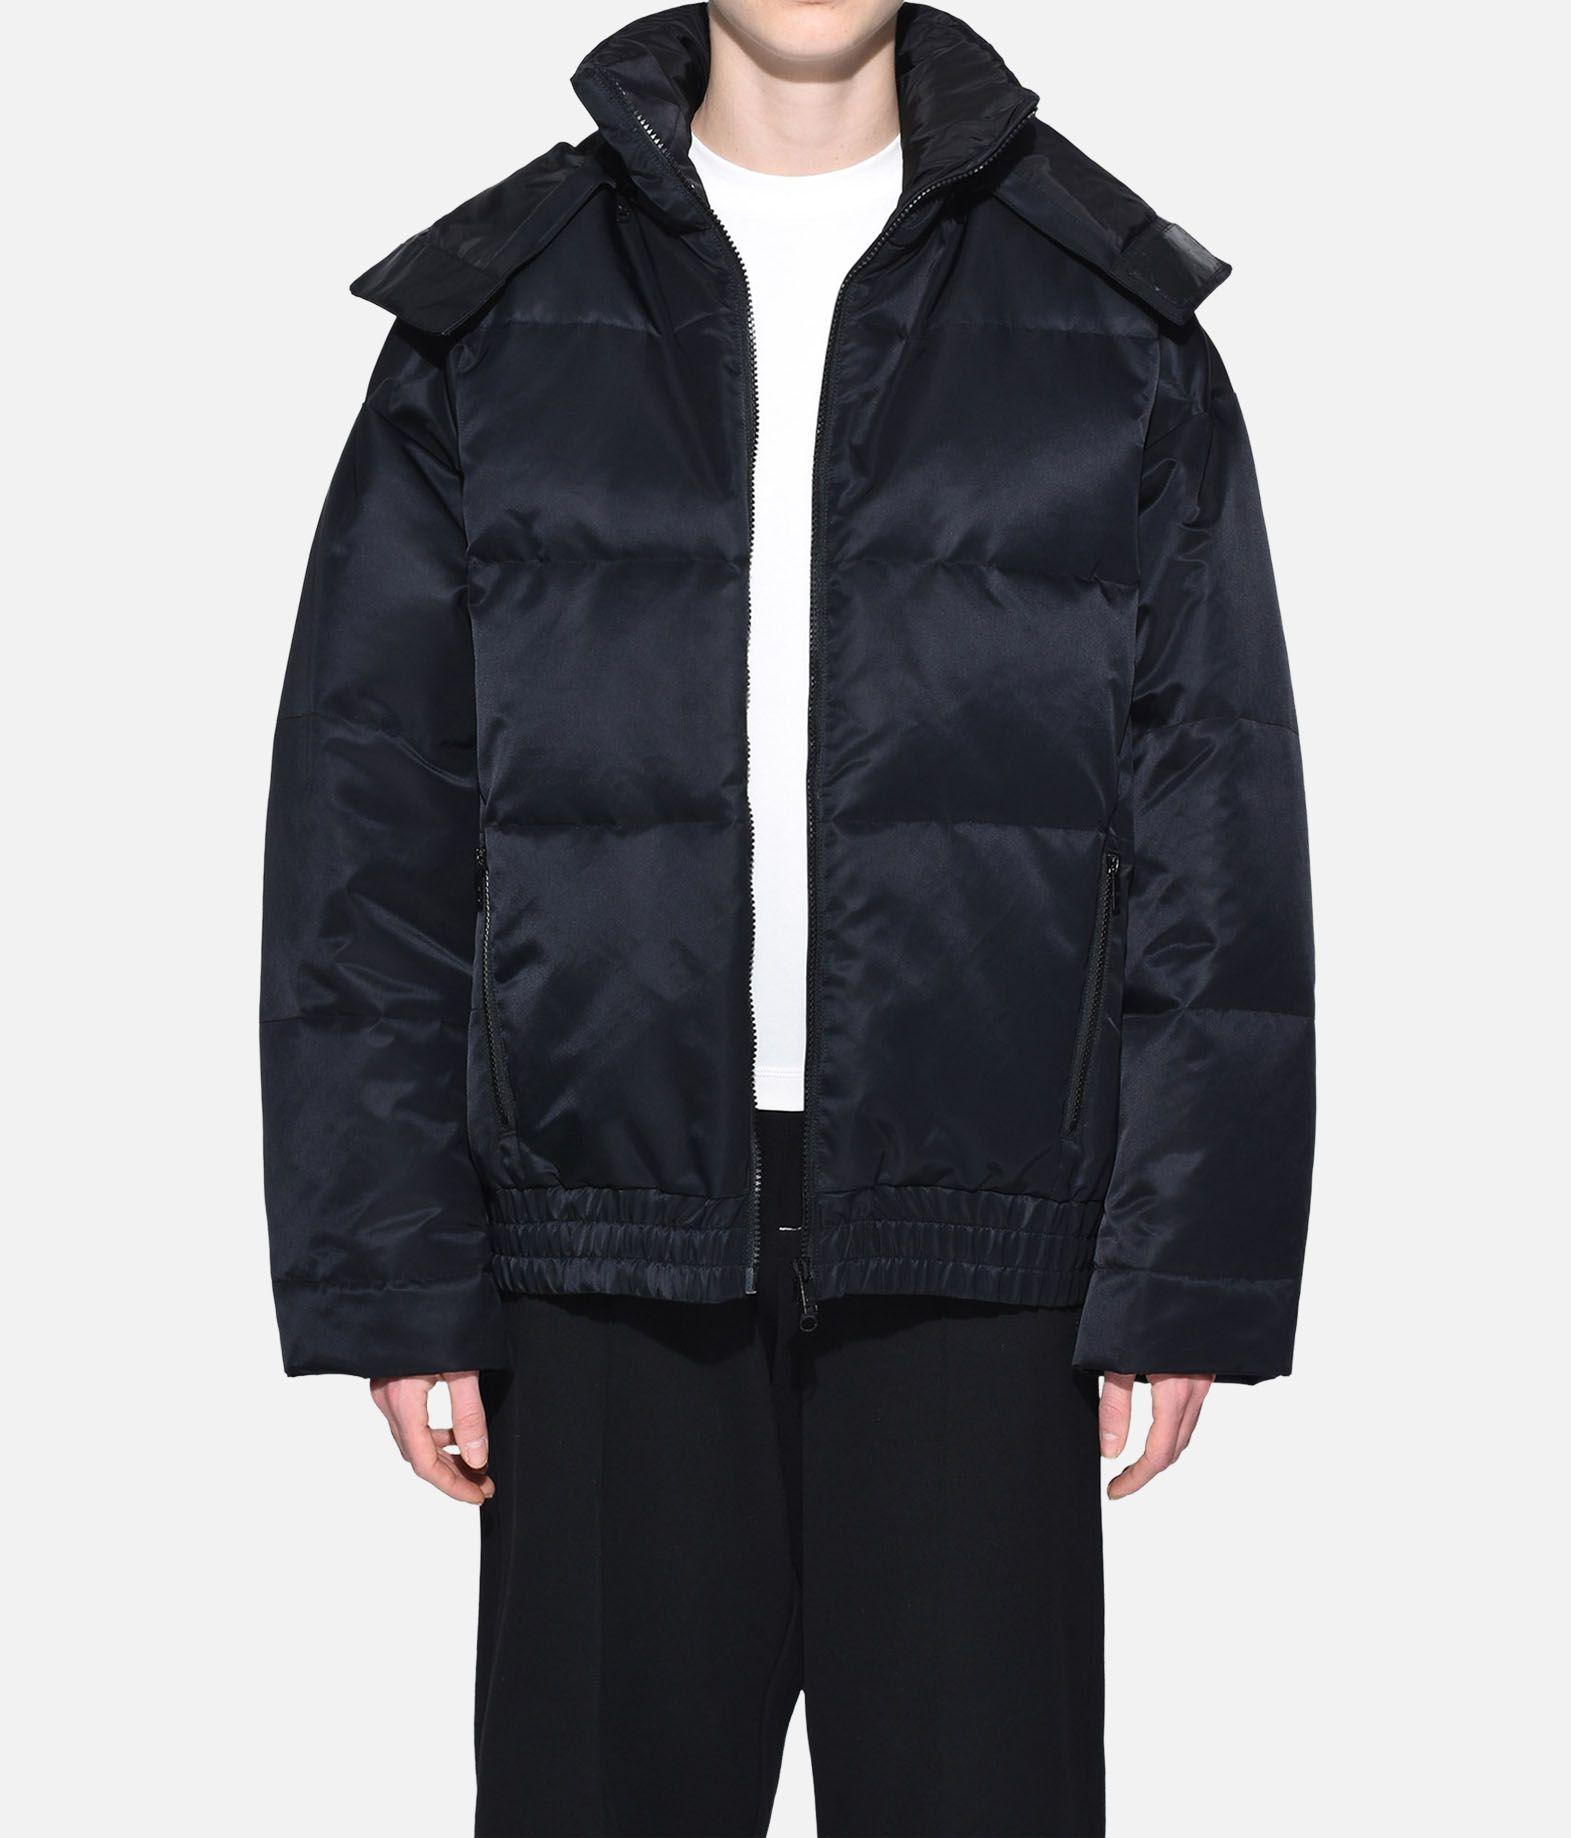 Y-3 Y-3 Down Hoodie Jacket Пуховик Для Женщин r